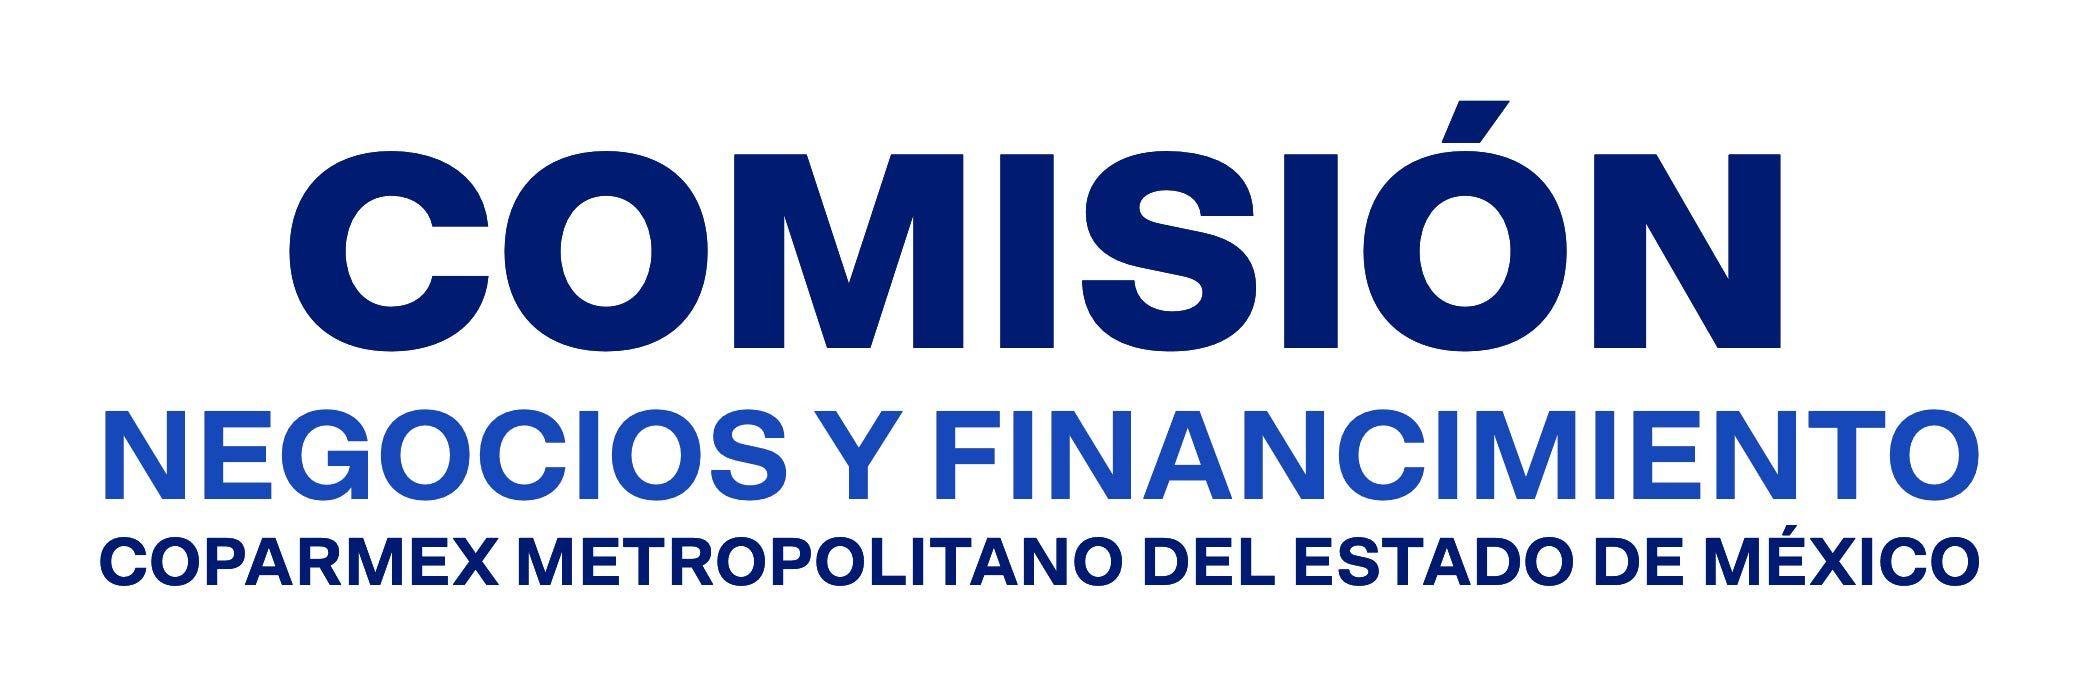 Negocios y Financiamiento (PYME y CONACYT)